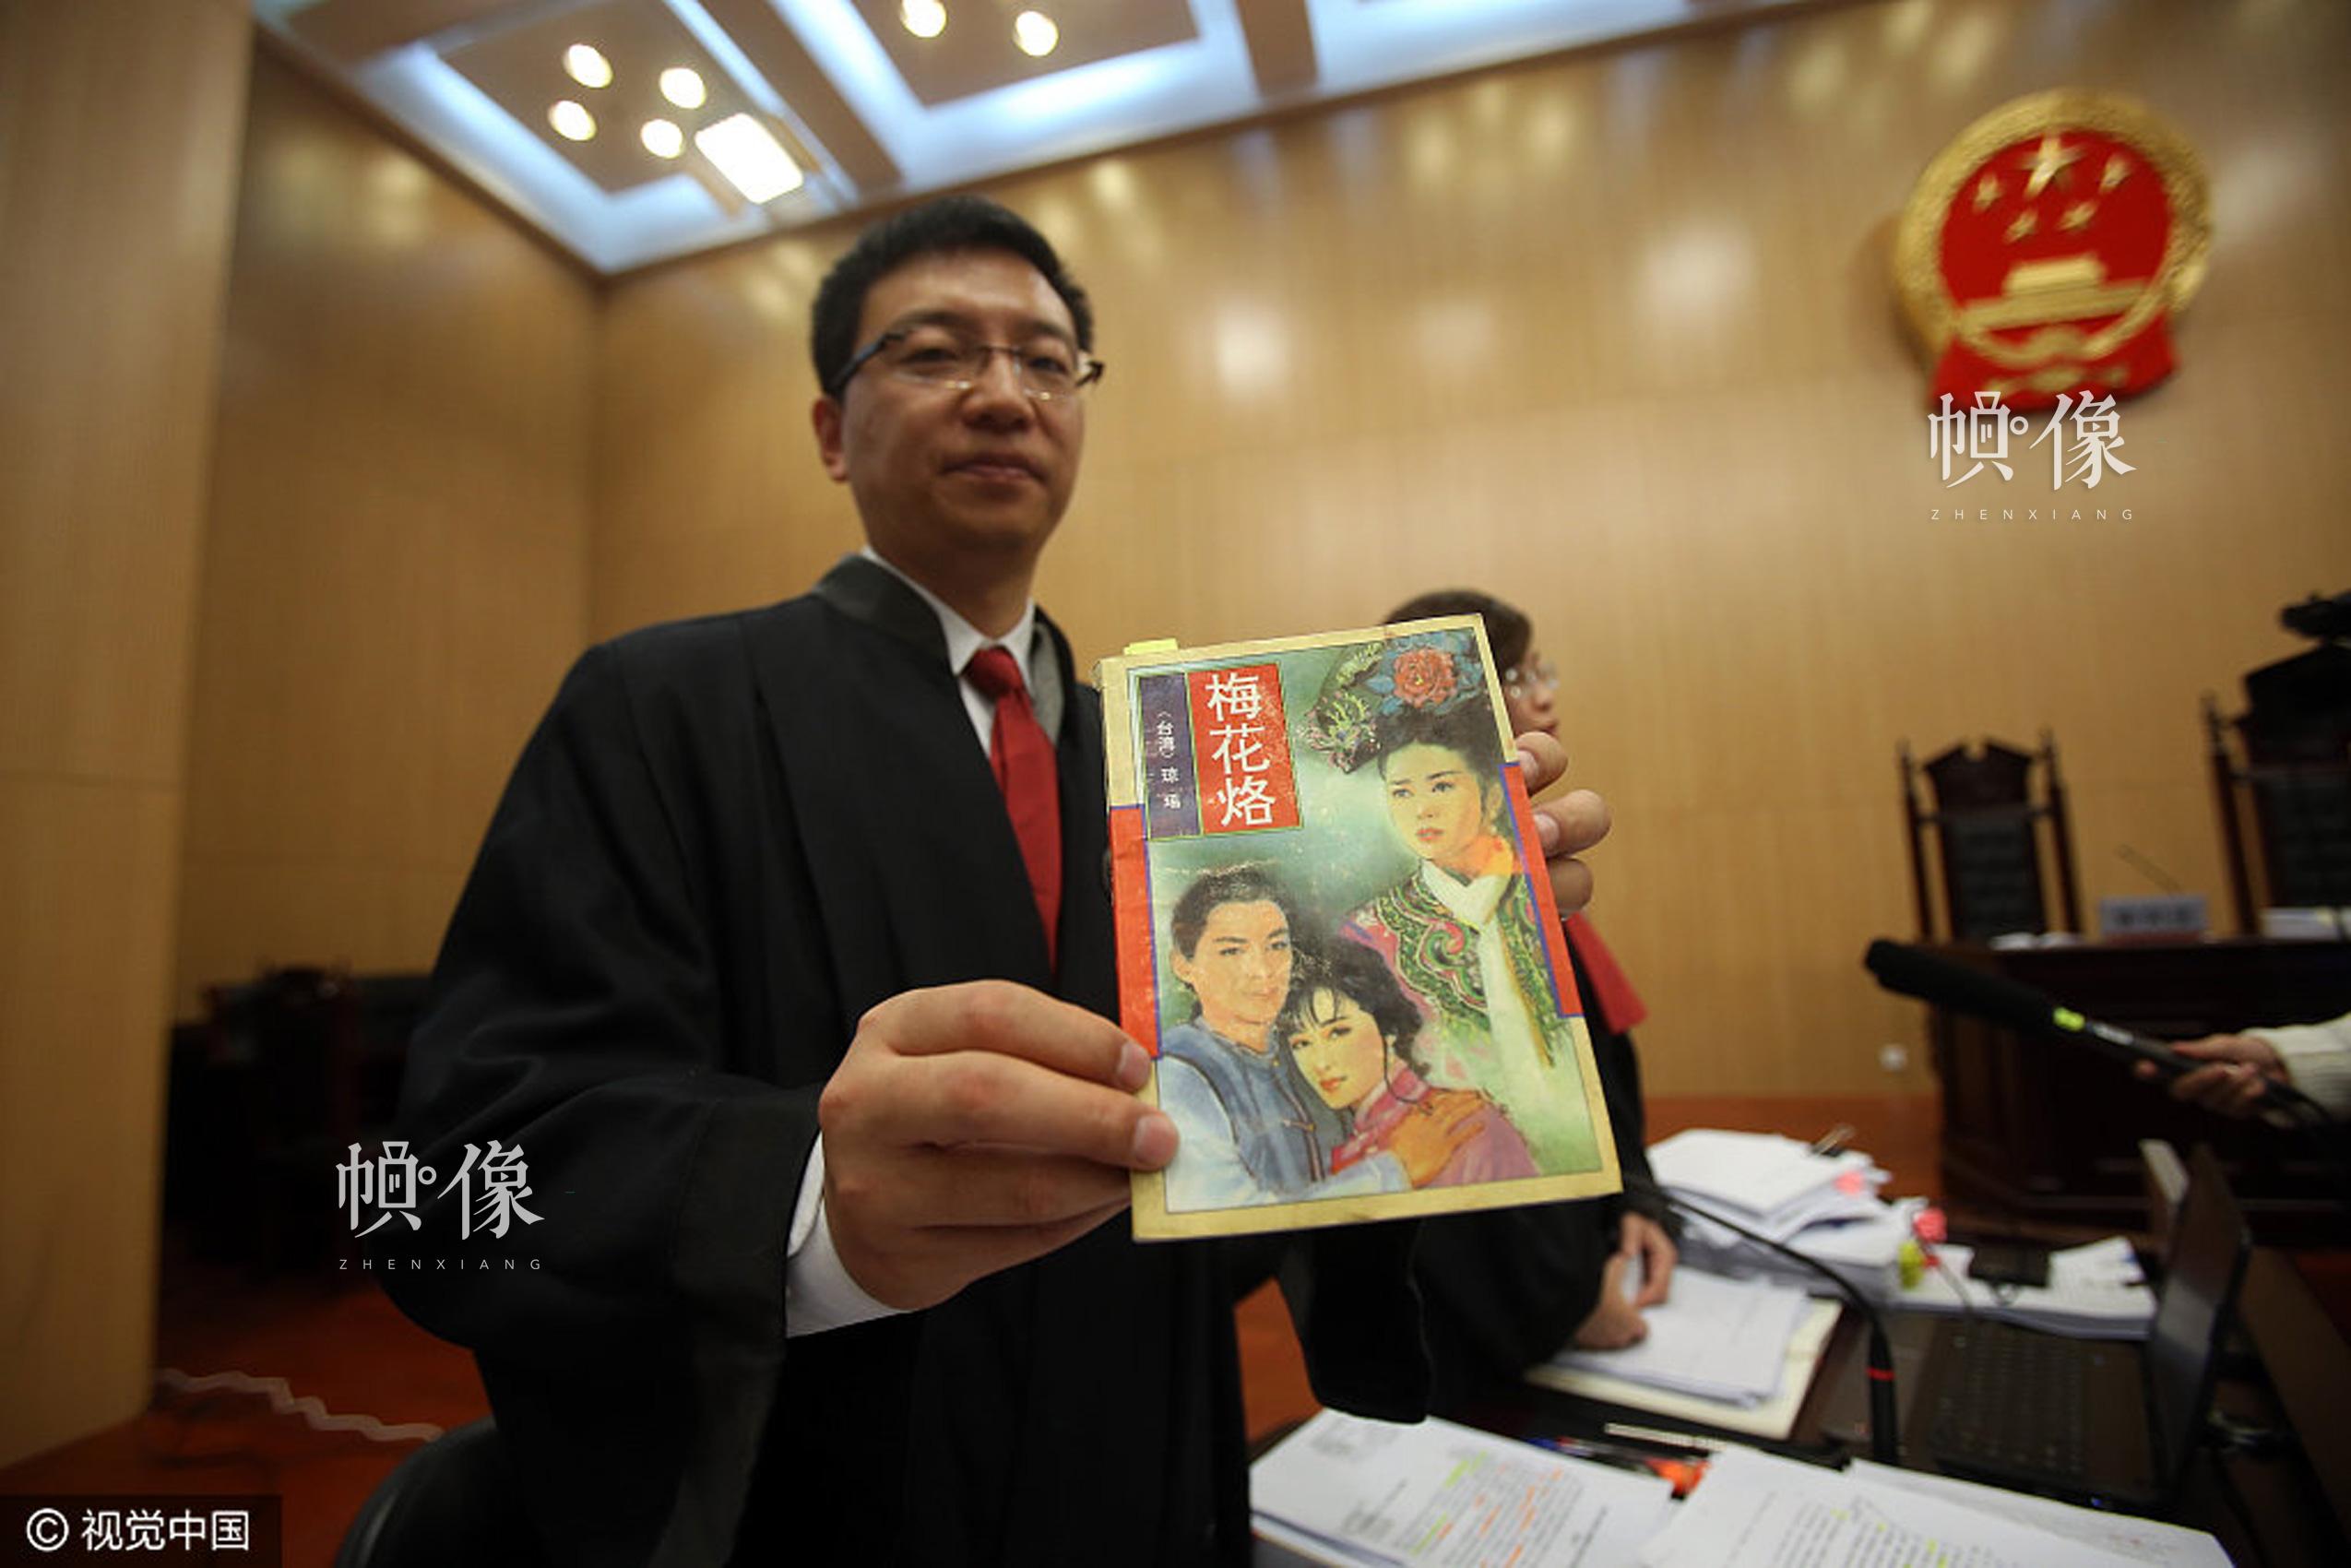 2014年12月5日,北京市,琼瑶诉于正等侵害著作权案在三中院开庭审理。庭审后琼瑶的委托代理人在在法庭上展示琼瑶的梅花烙小说。 视觉中国